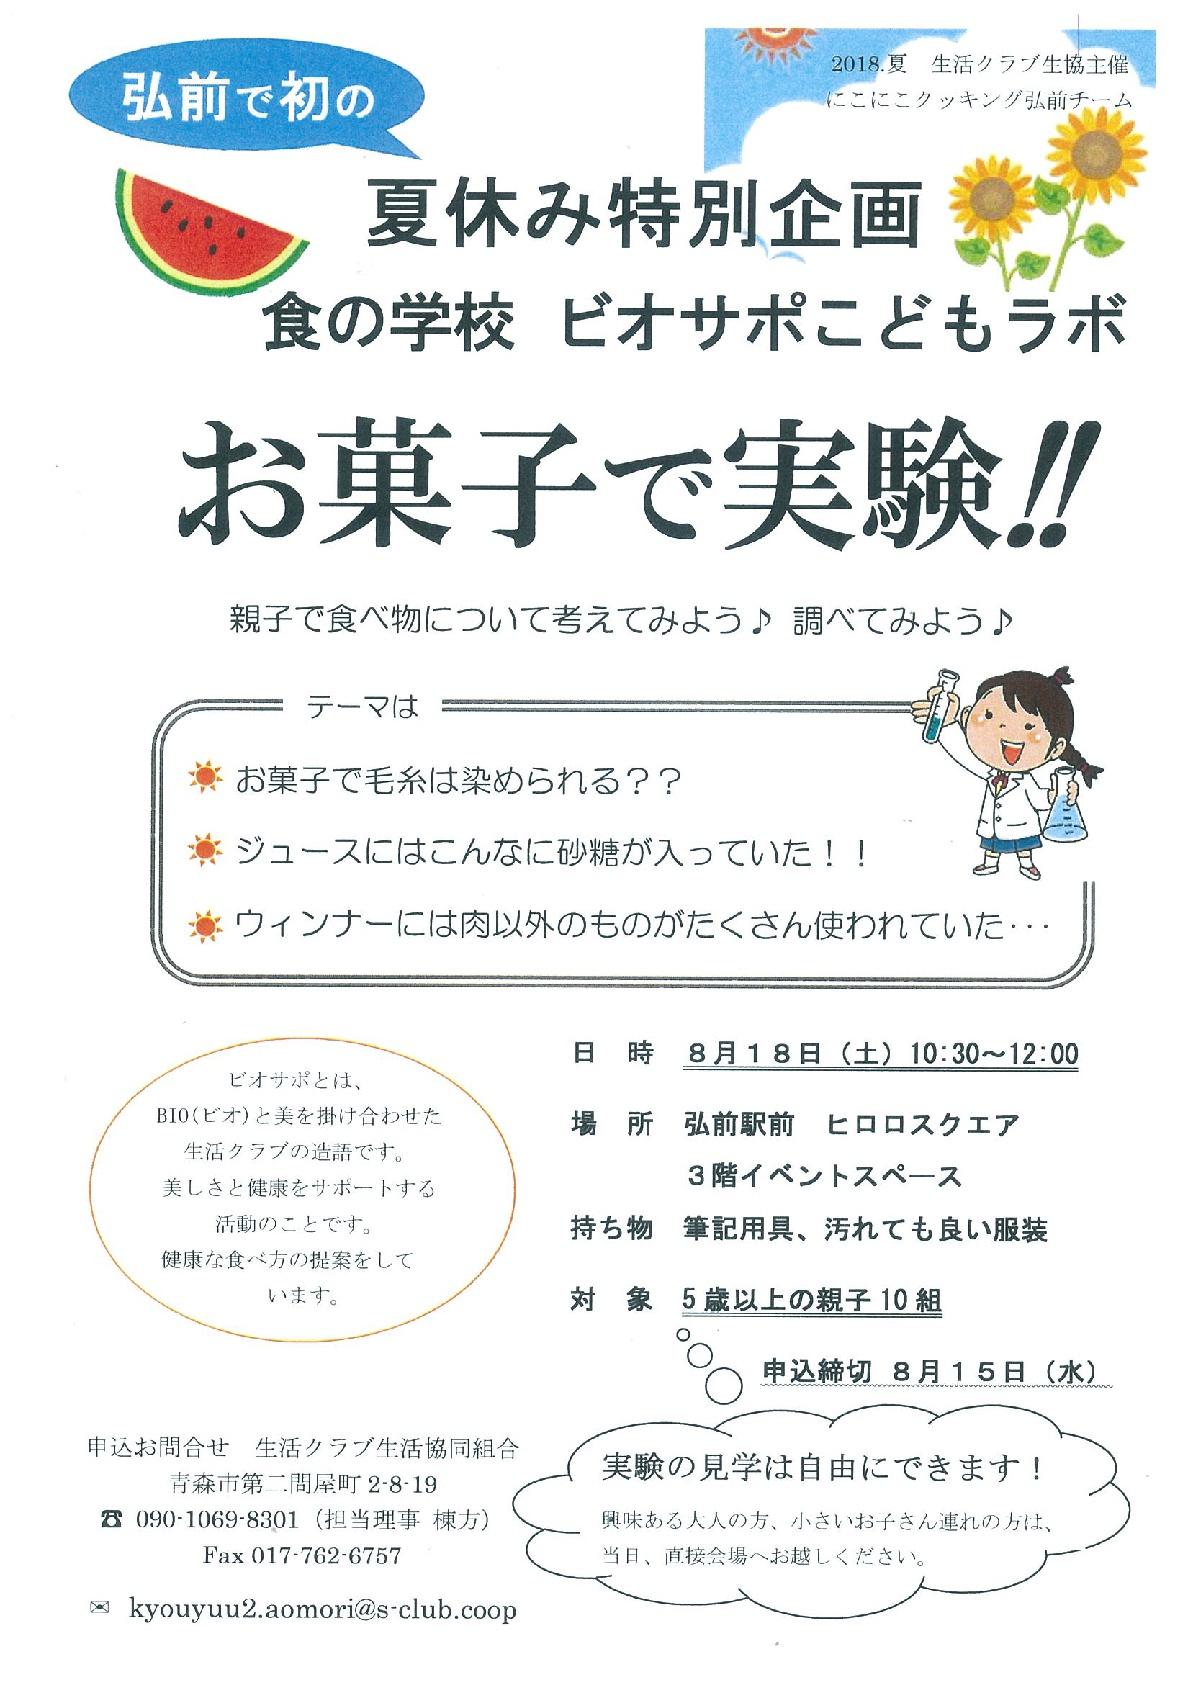 食の学校 ビオサポこどもラボ お菓子で実験!!-001.jpg